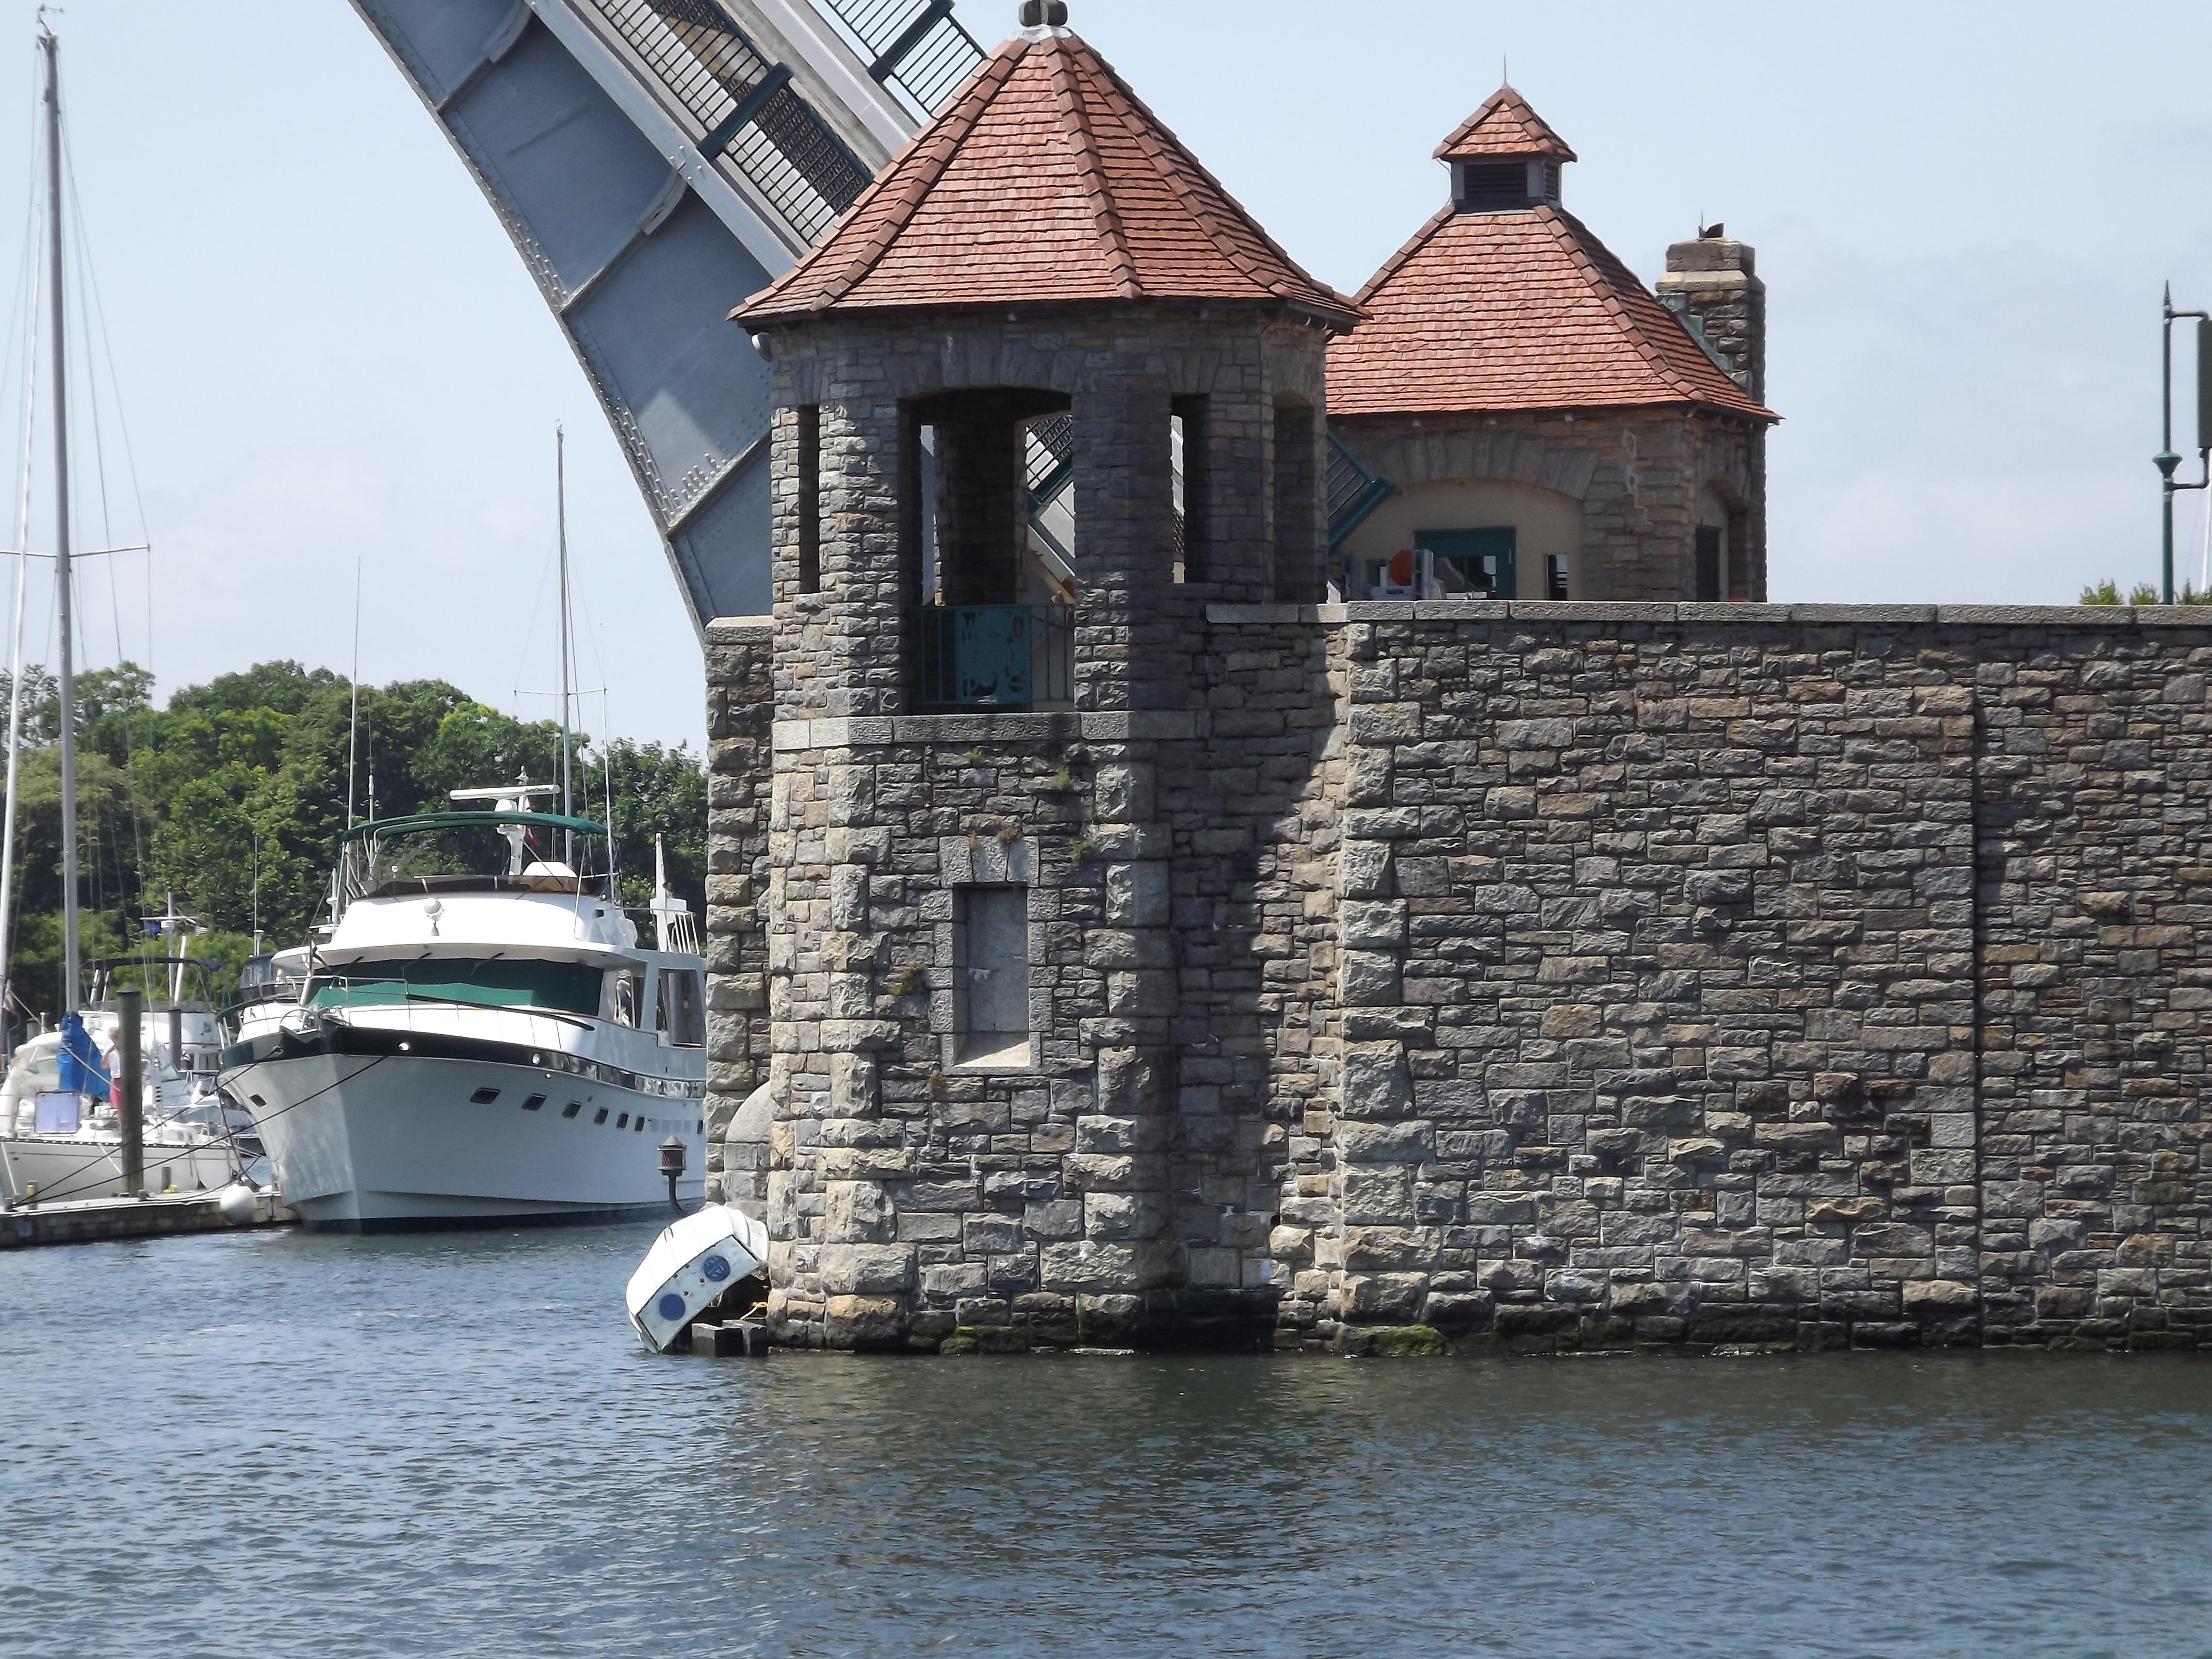 бесплатные подъемные мосты замков картинки месте где